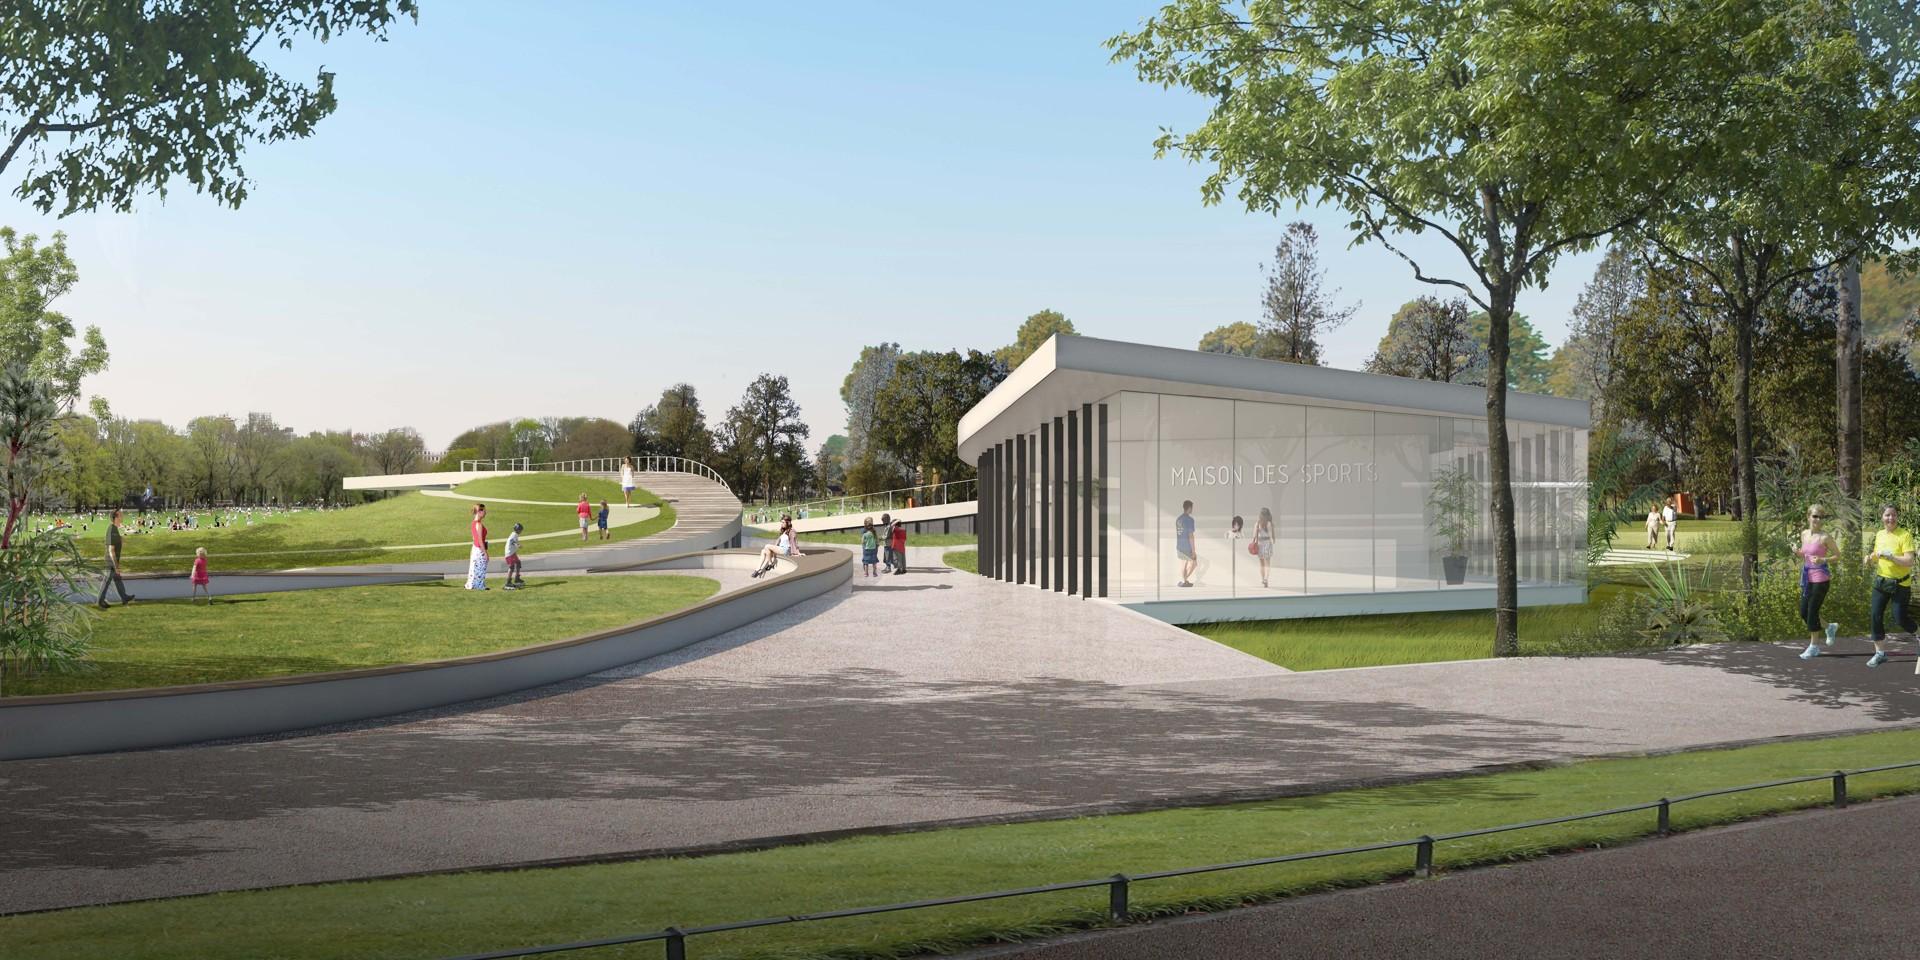 Copyright : DR / Wonk Architectes / Plaine des Sports et de Loisirs